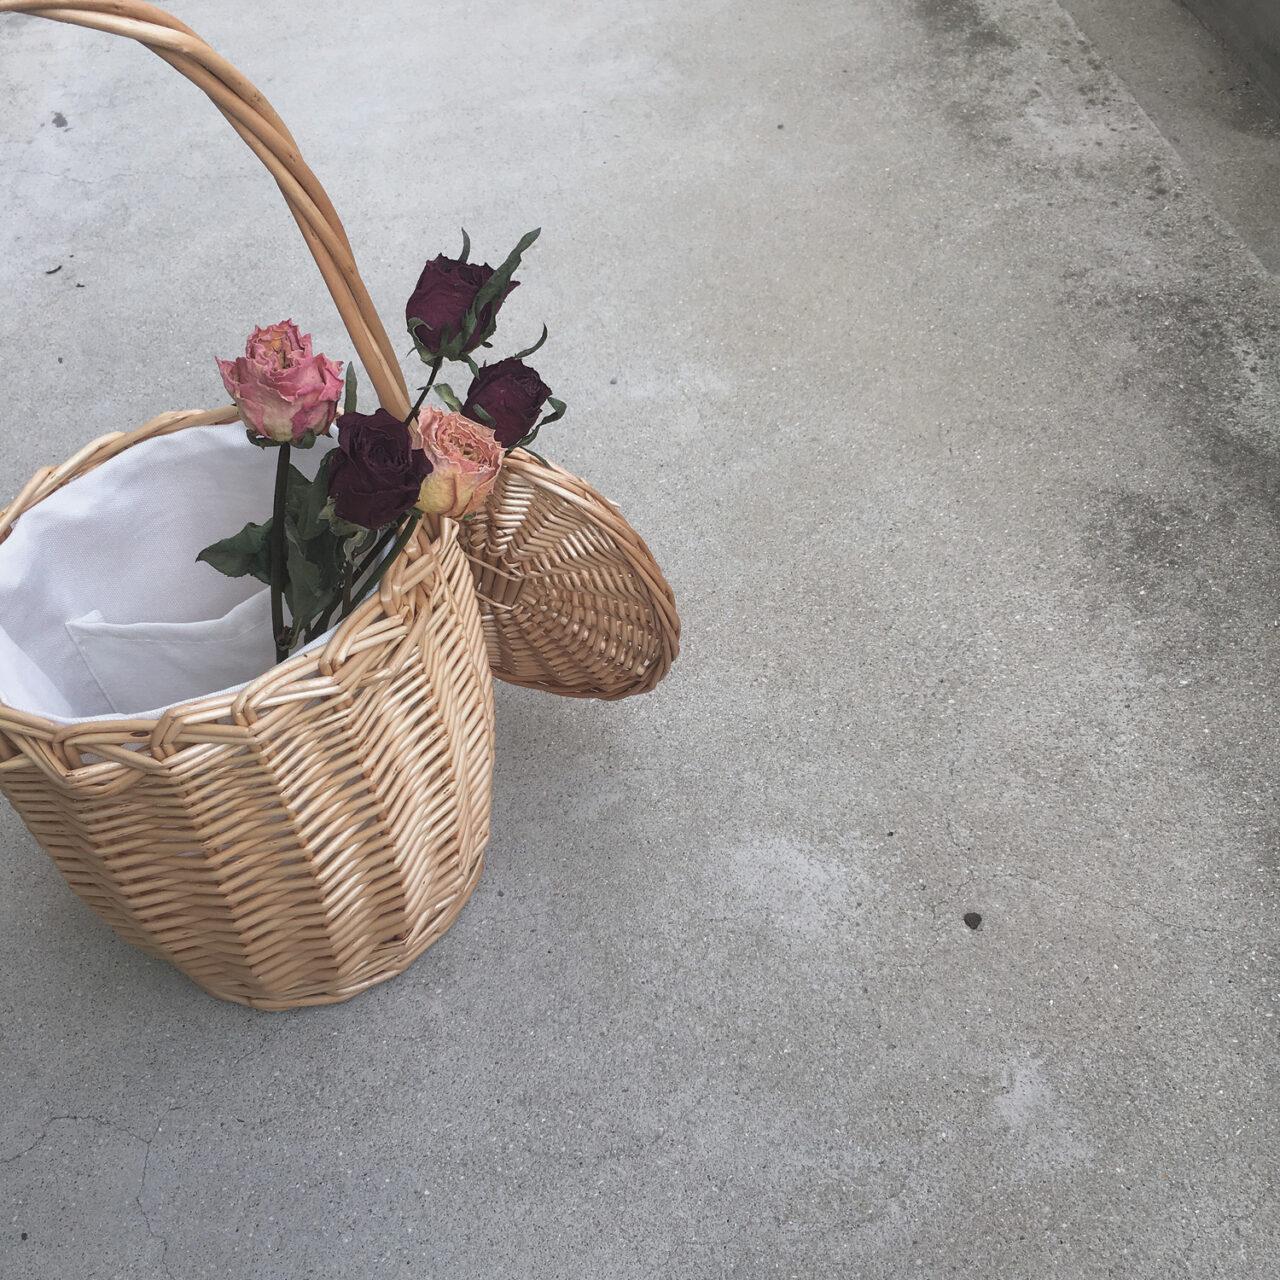 ドライフラワーと私の物語。お洒落グラマーから学ぶお花の飾り方、生かし方etc…♡